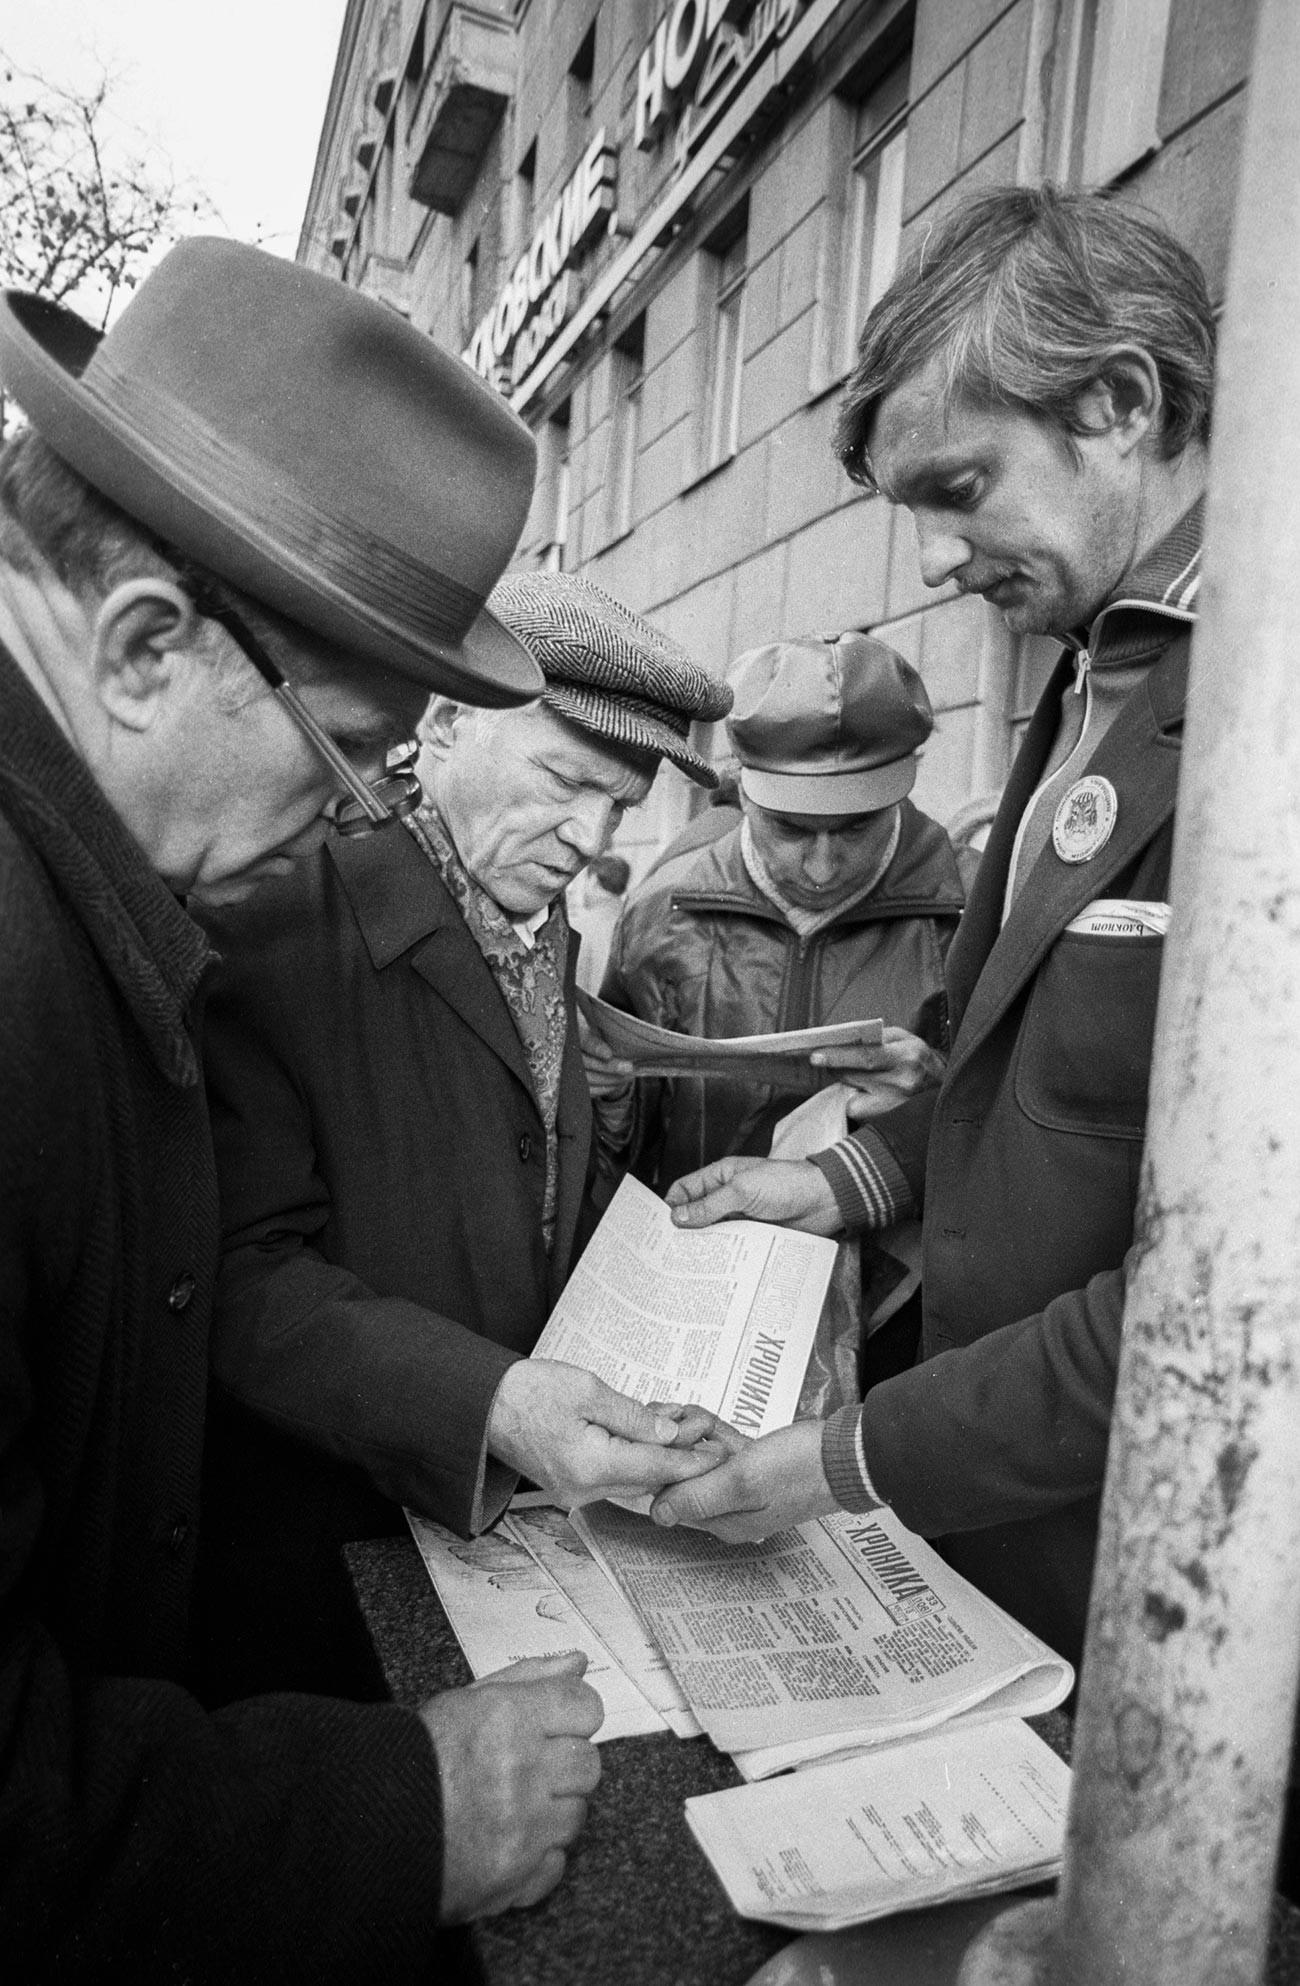 Des Moscovites achètent un samizdat